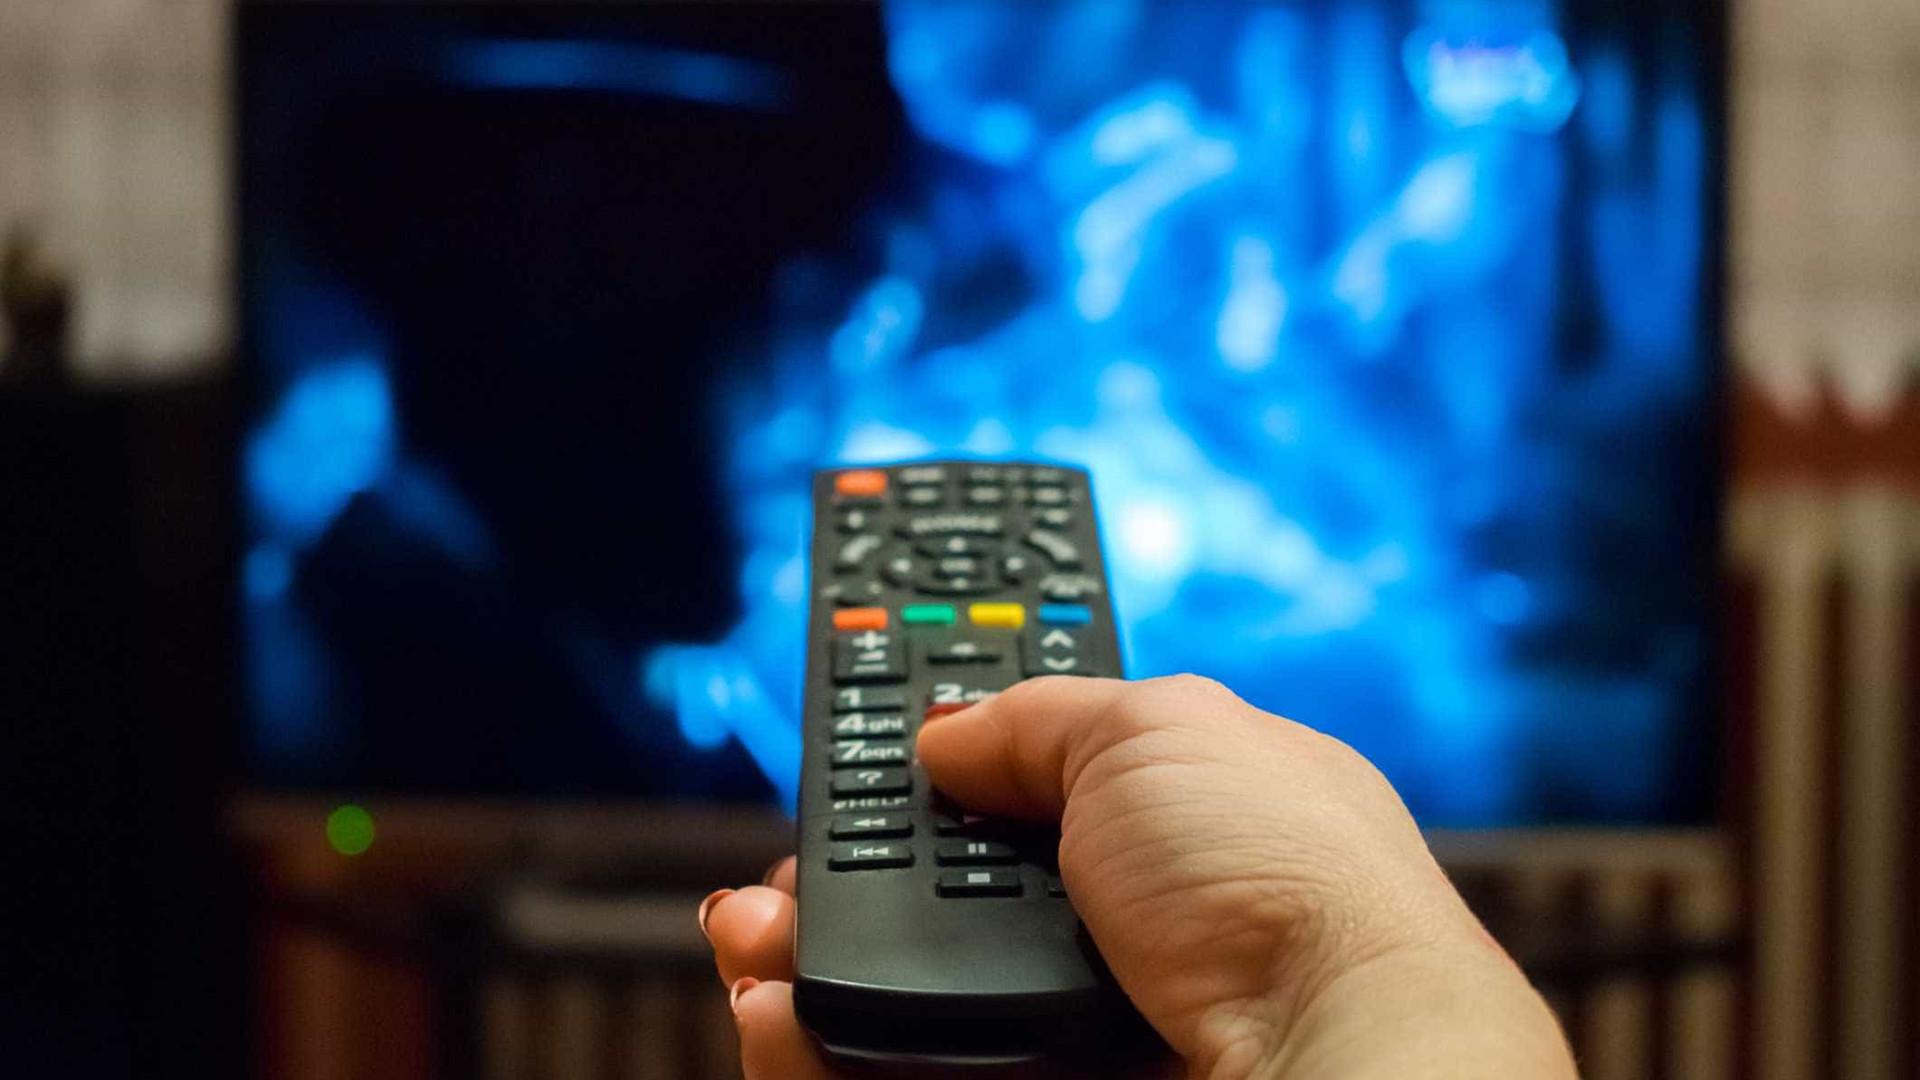 Sem surpresa, há cada vez menos televisões nas nossas casas